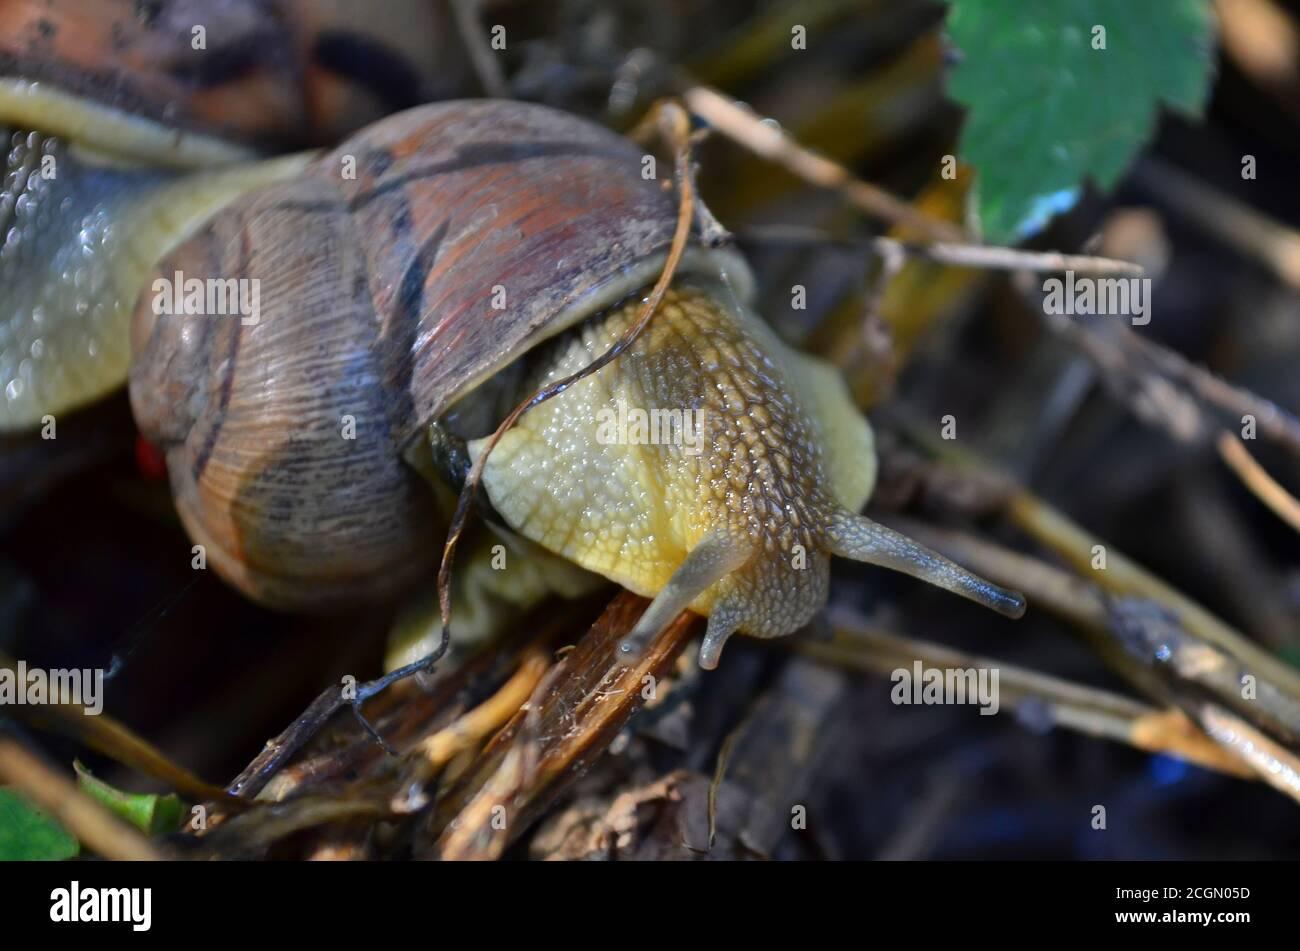 Gastéropode. Escargot de jardin commun rampant sur des branches sèches. Faune de l'Ukraine. Faible profondeur de champ, gros plan. Banque D'Images